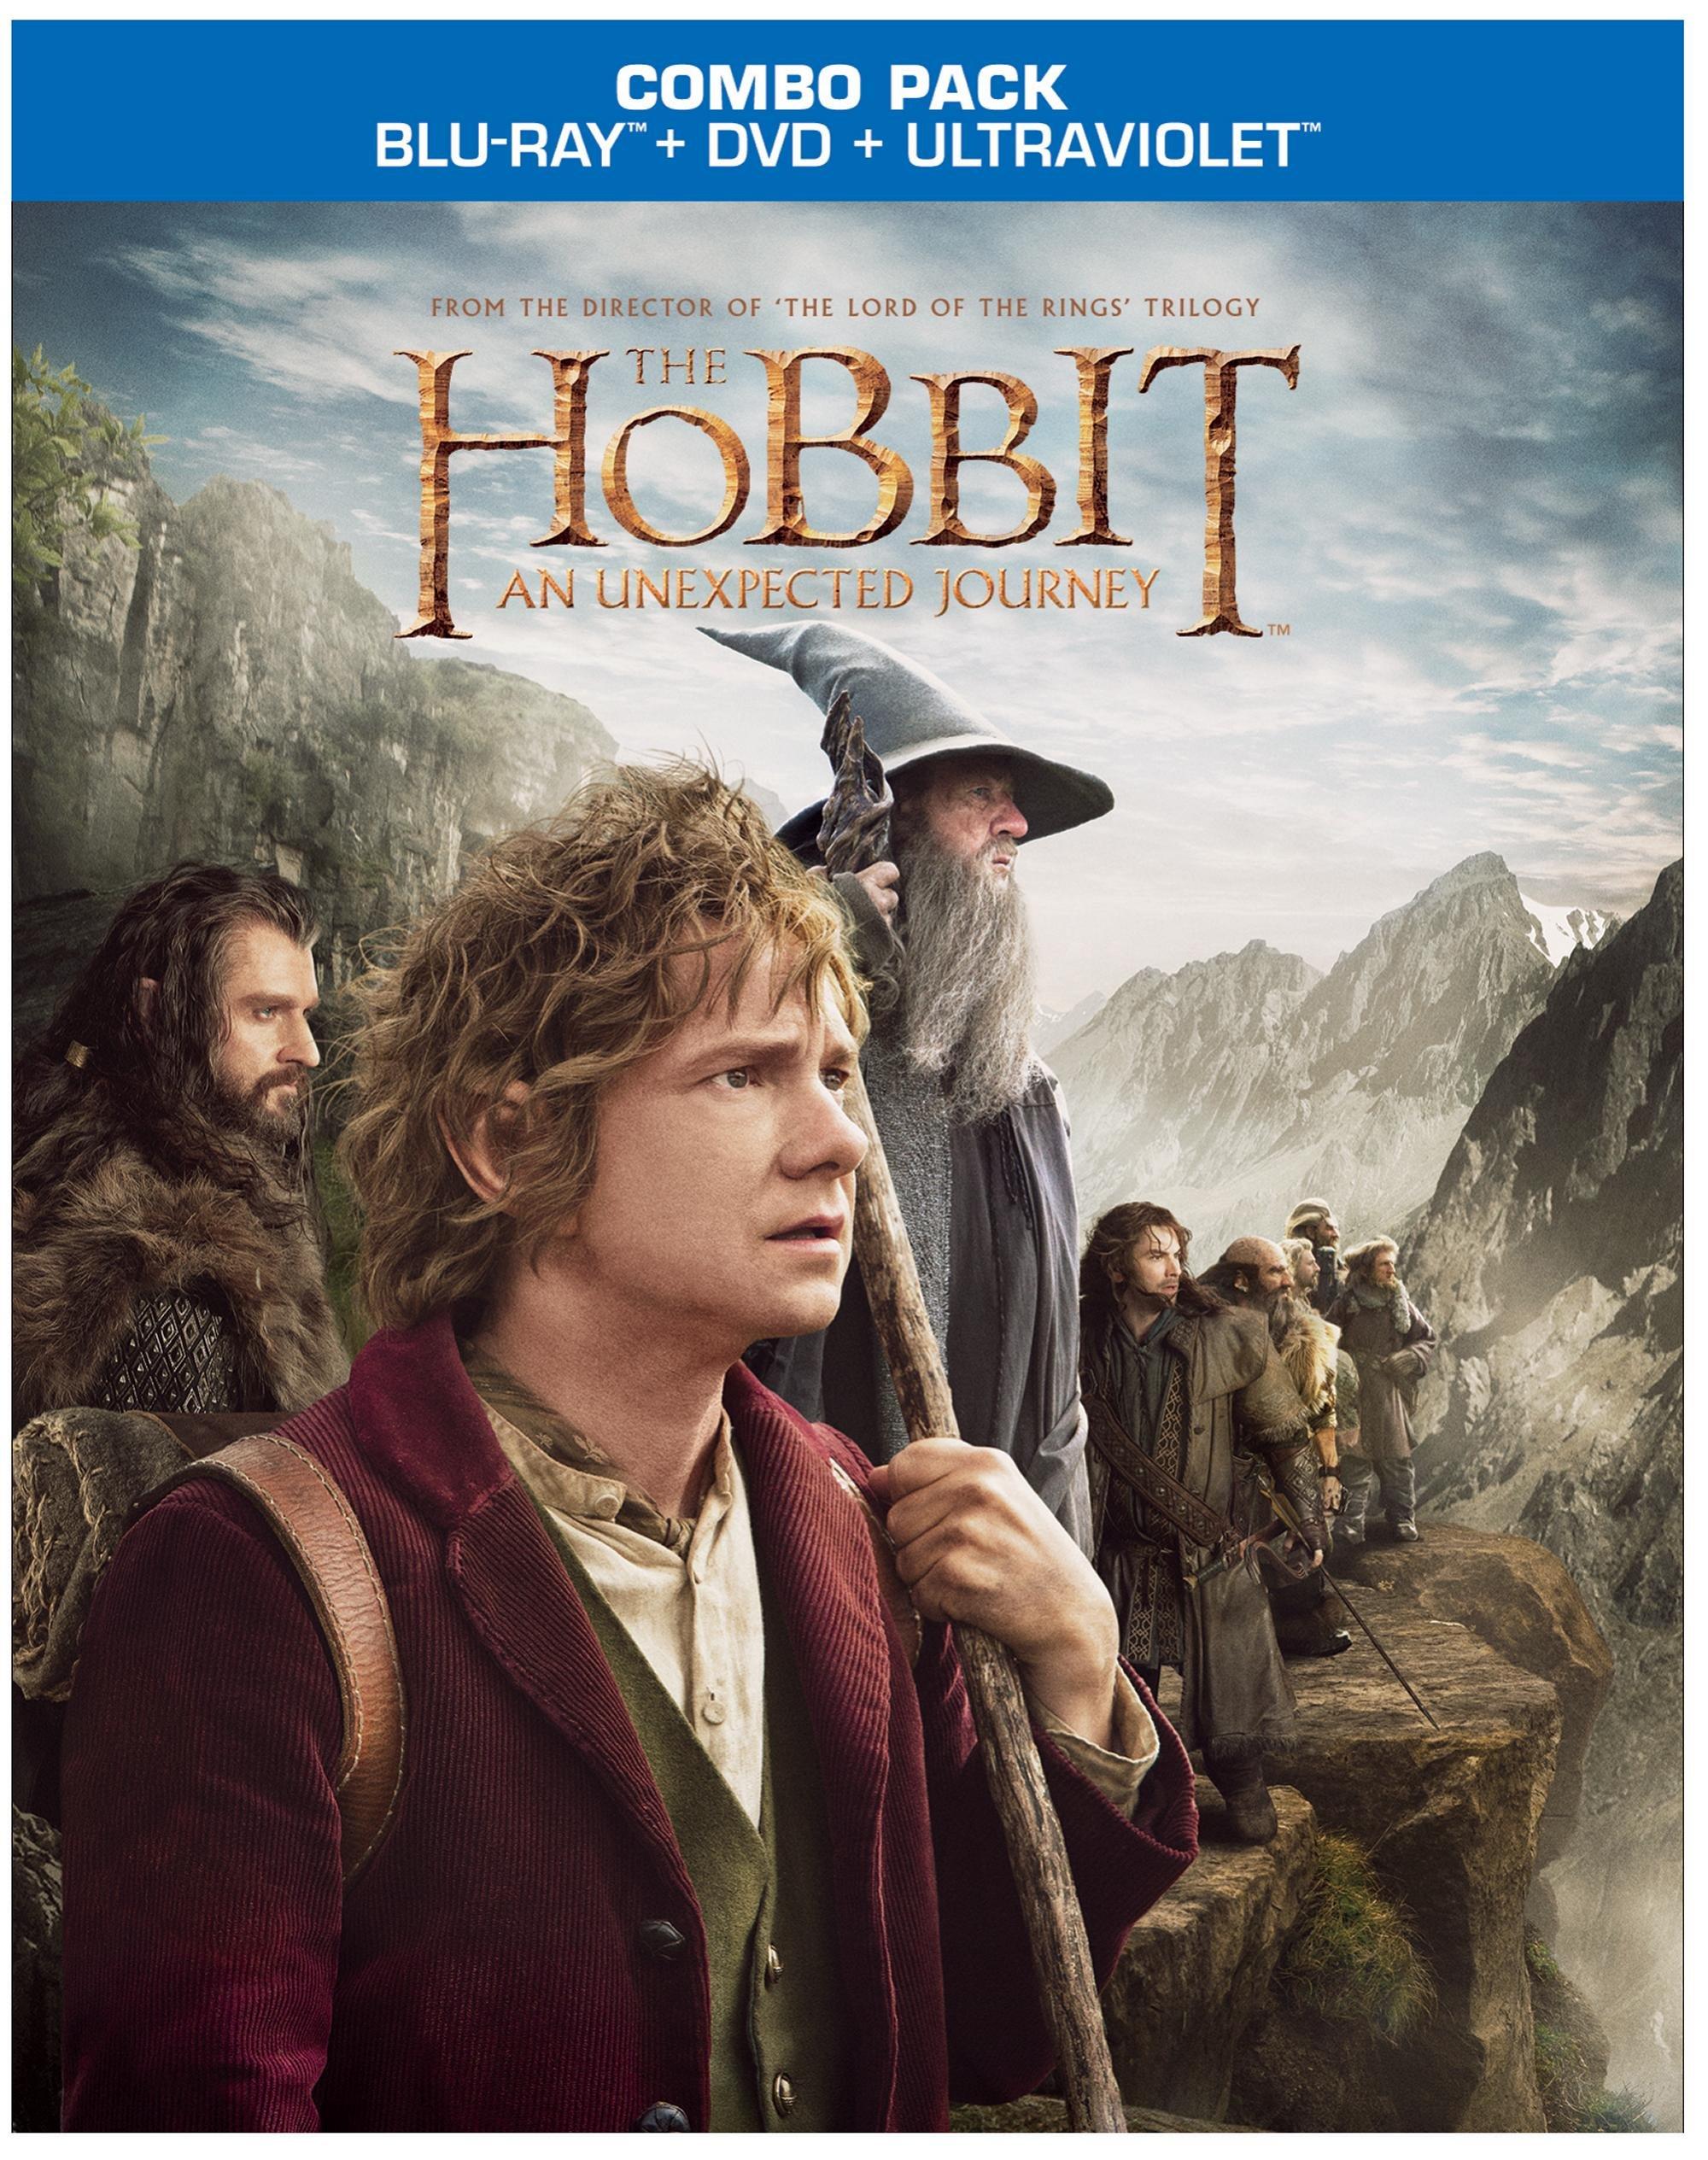 霍比特人: 意外之旅[加长版]The.Hobbit.An.Unexpected1080P超清 |720P高清| Bluray蓝光原